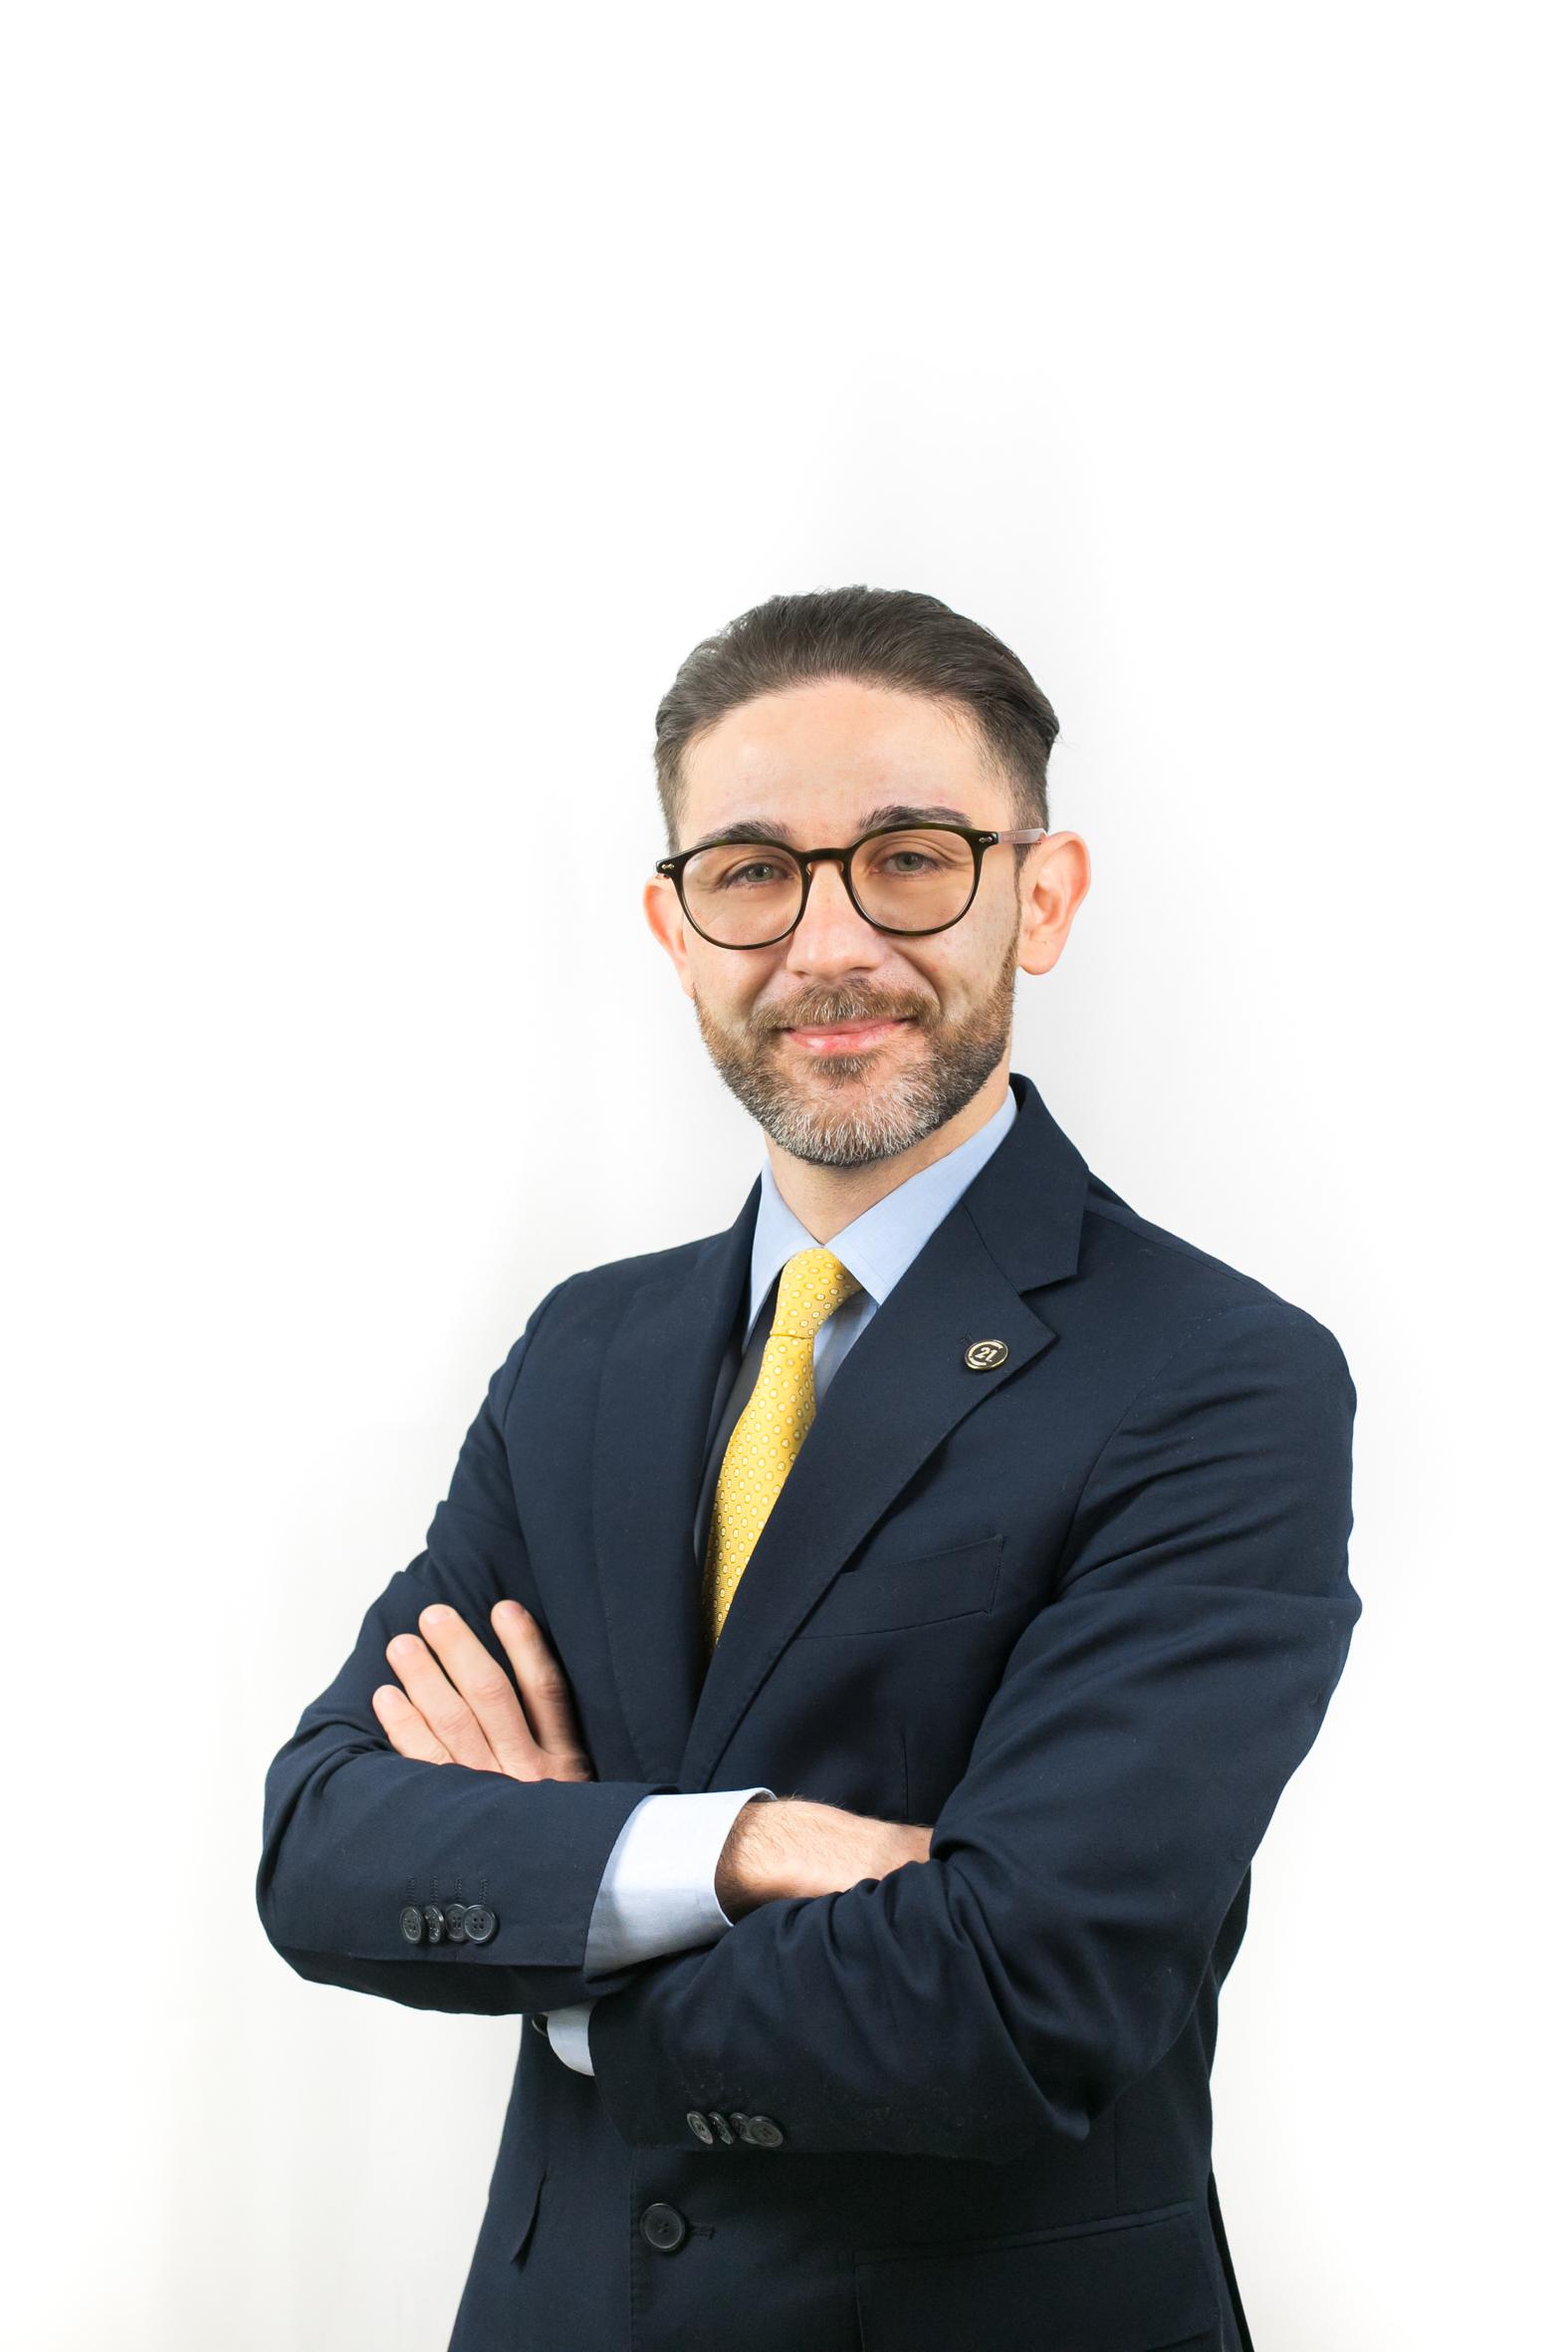 BROZZOLO ALESSANDRO MICHELE